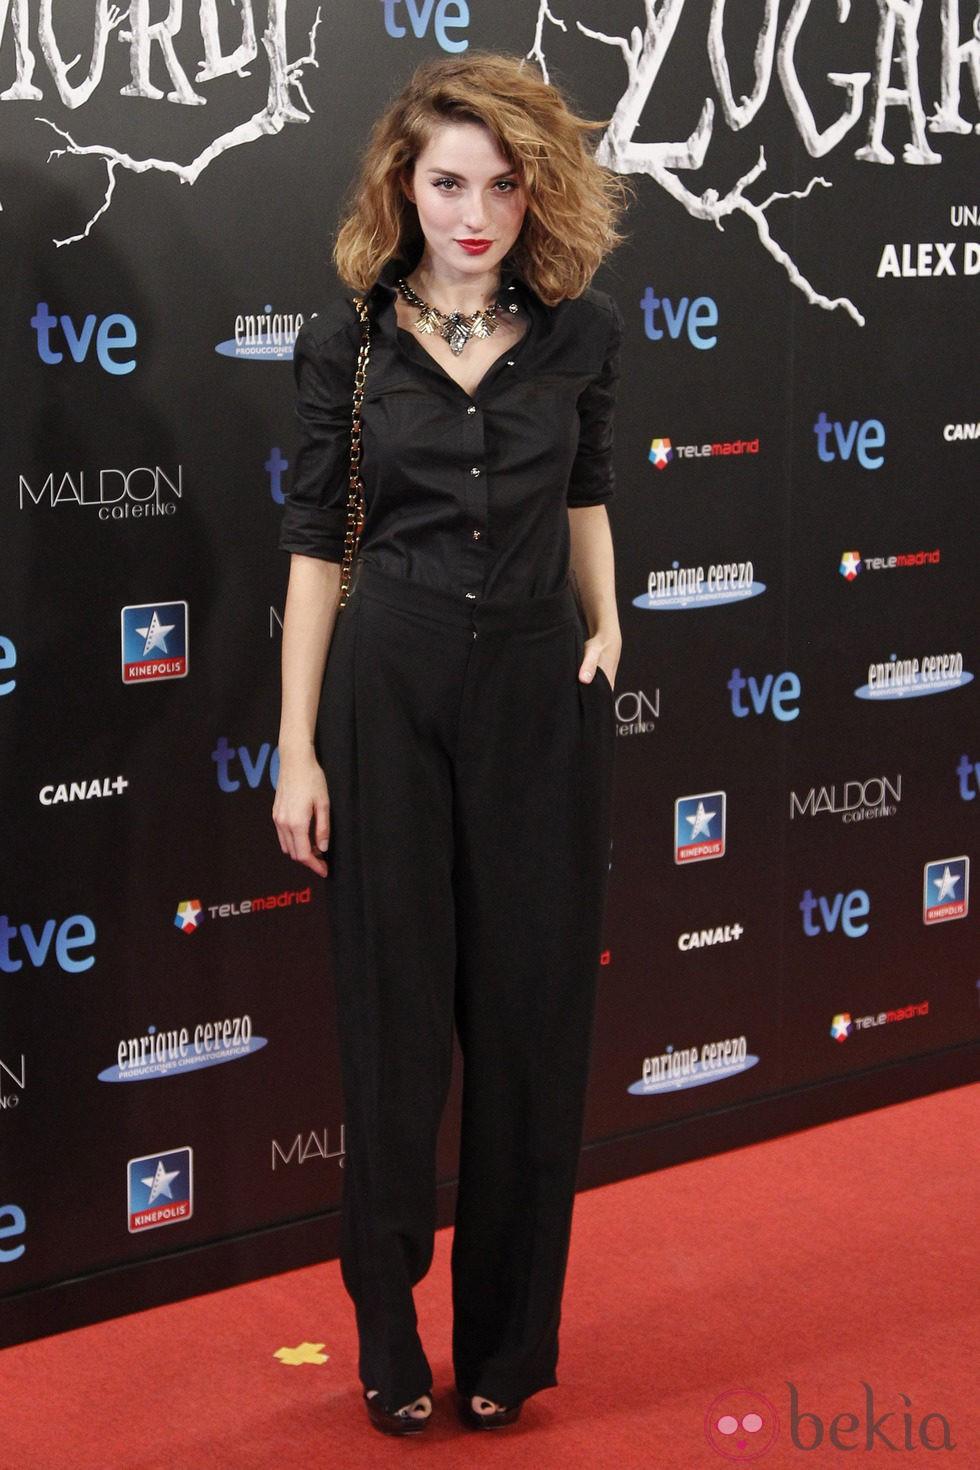 María Valverde en el estreno de 'Las brujas de Zugarramurdi' en Madrid